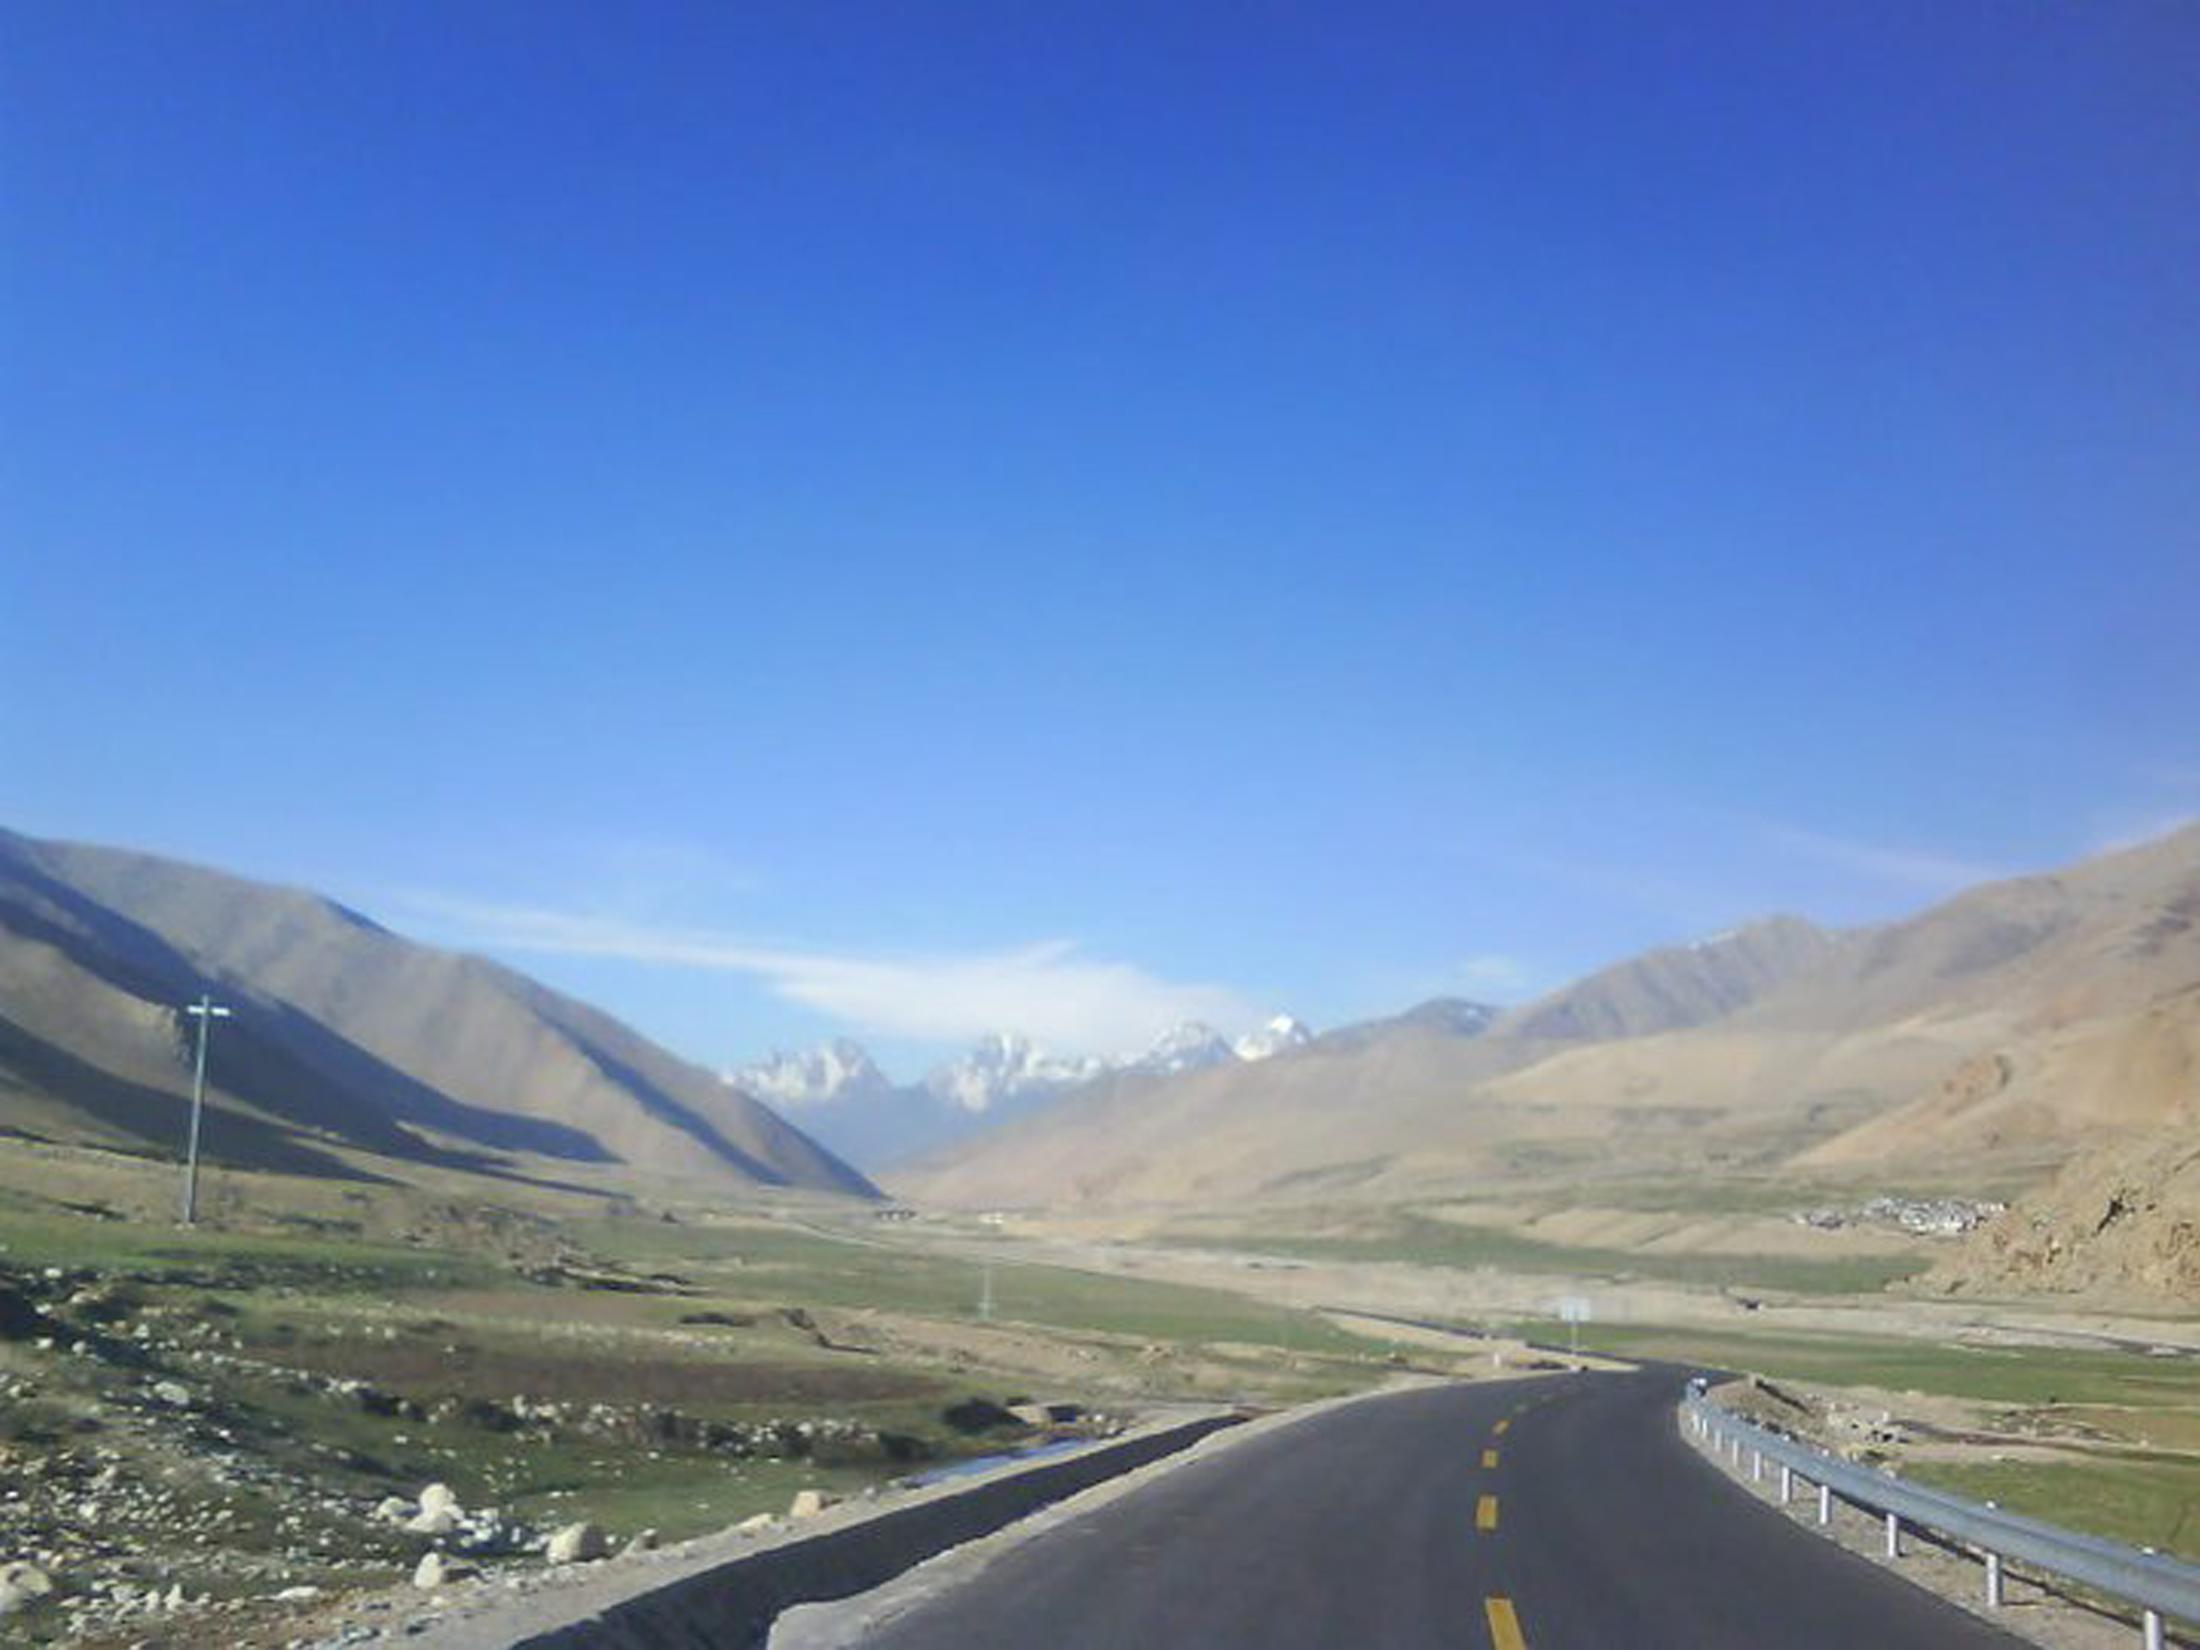 Tibet Road, Street, Tibet, Sky, Road, HQ Photo